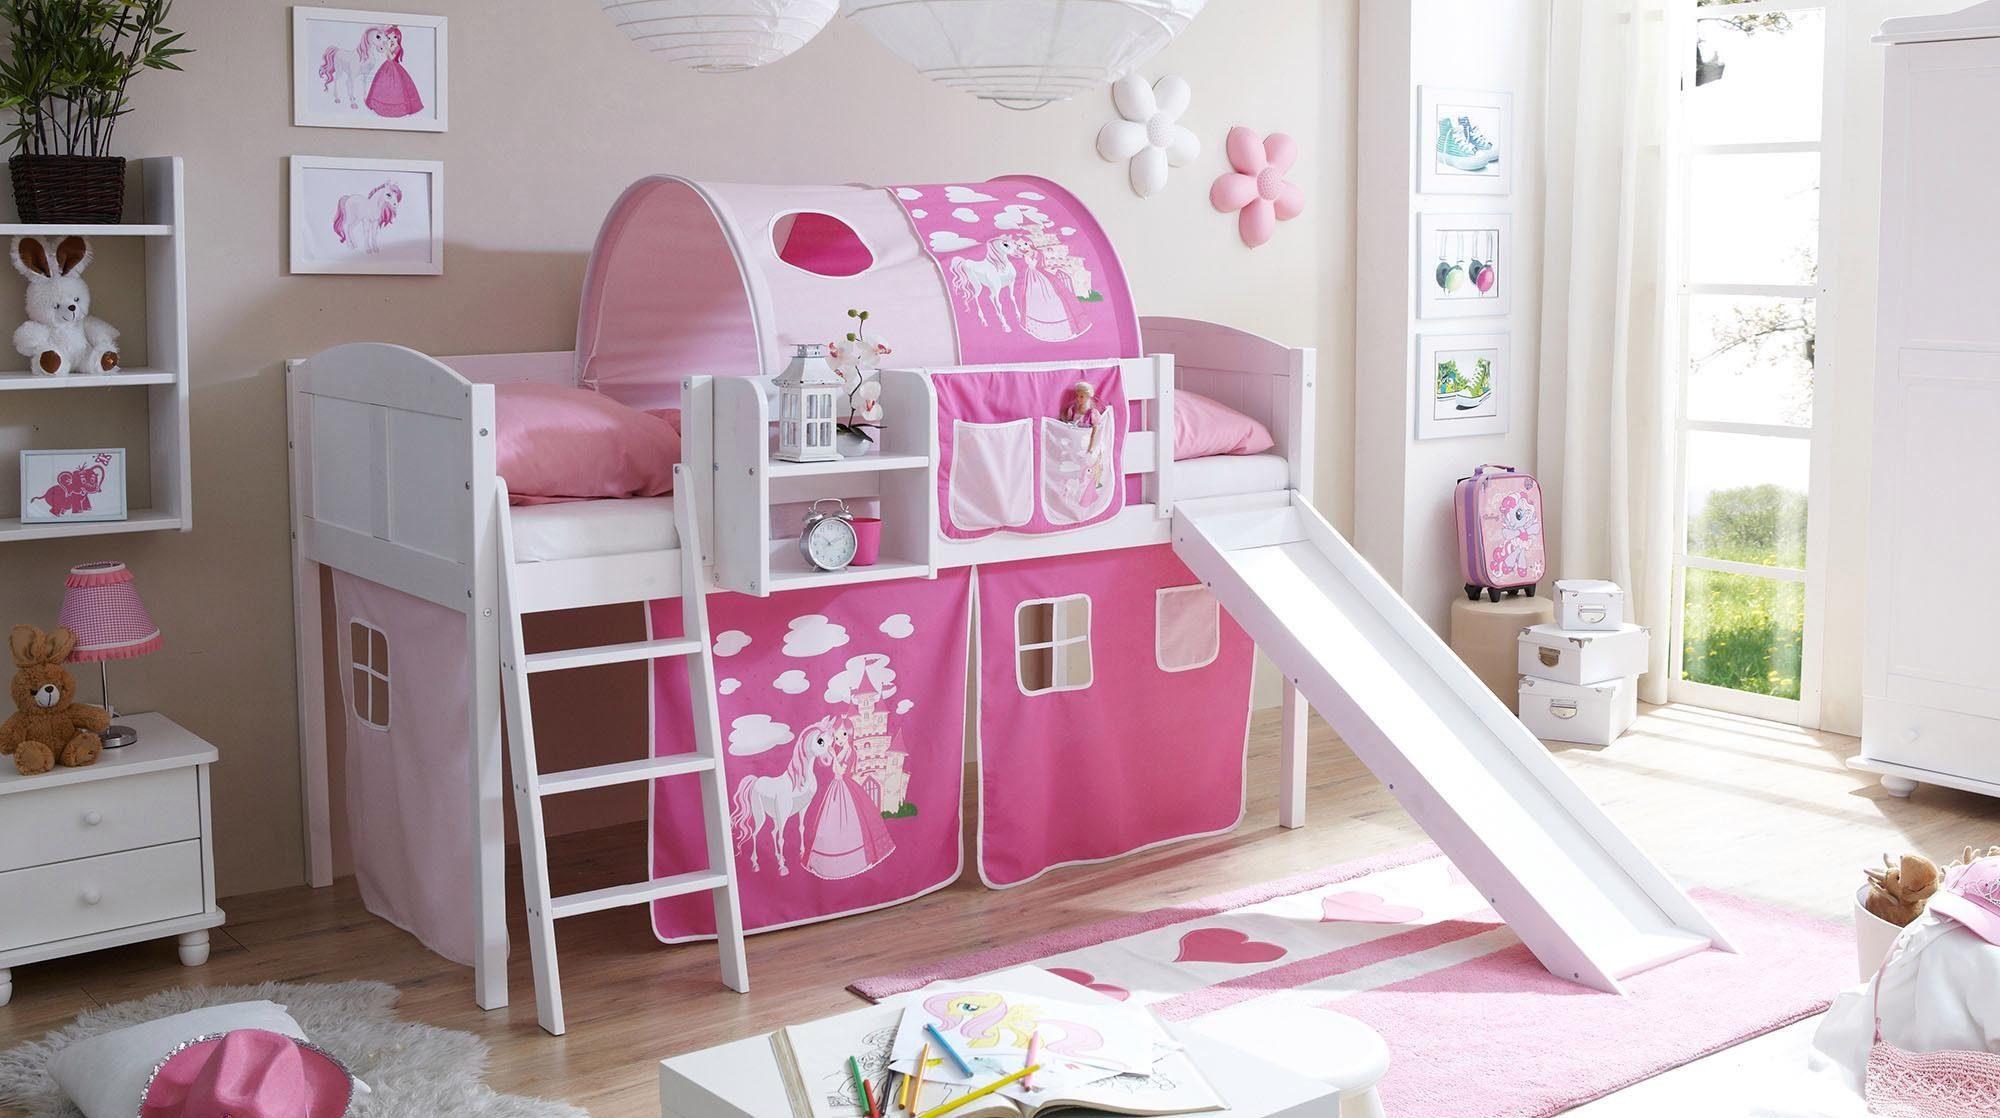 Etagenbett Für Mädchen : Kinderbett online kaufen für mädchen jungen otto